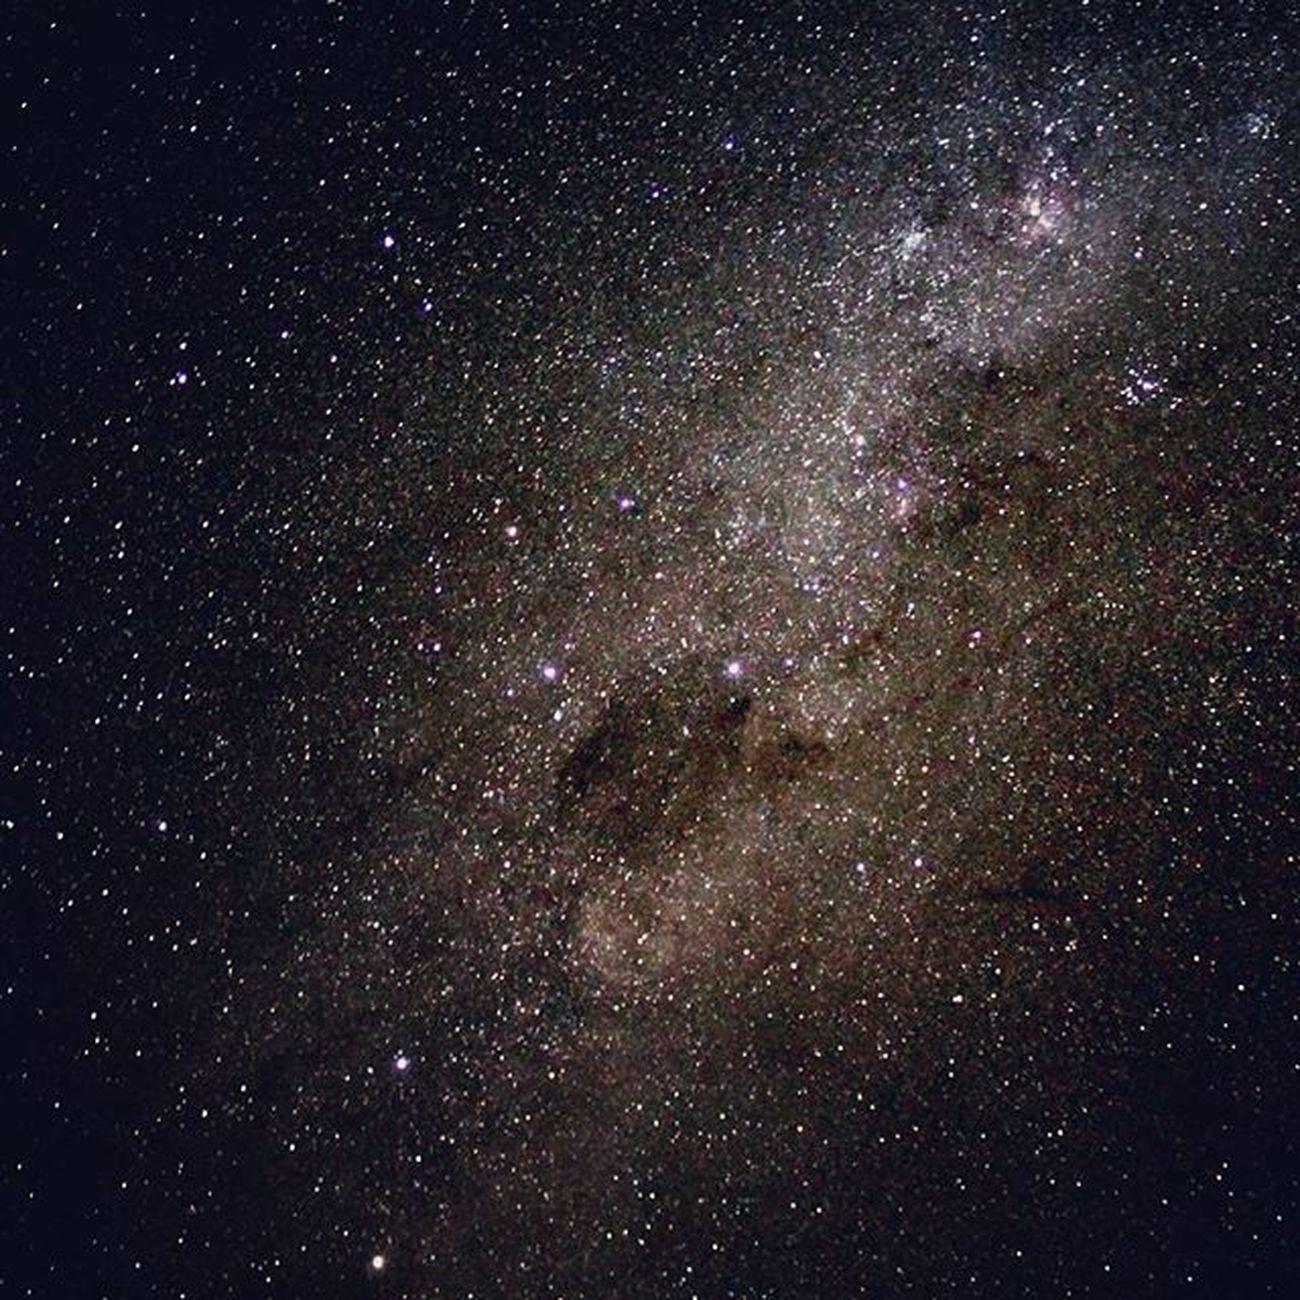 Vía Láctea, en la constelación de la Crux, desde San Pedro de Atacama Atacama Galaxia Milkyway Crux Cruzdelsur Estrellas Stars Astronomy Astronomia Sanpedrodeatacama